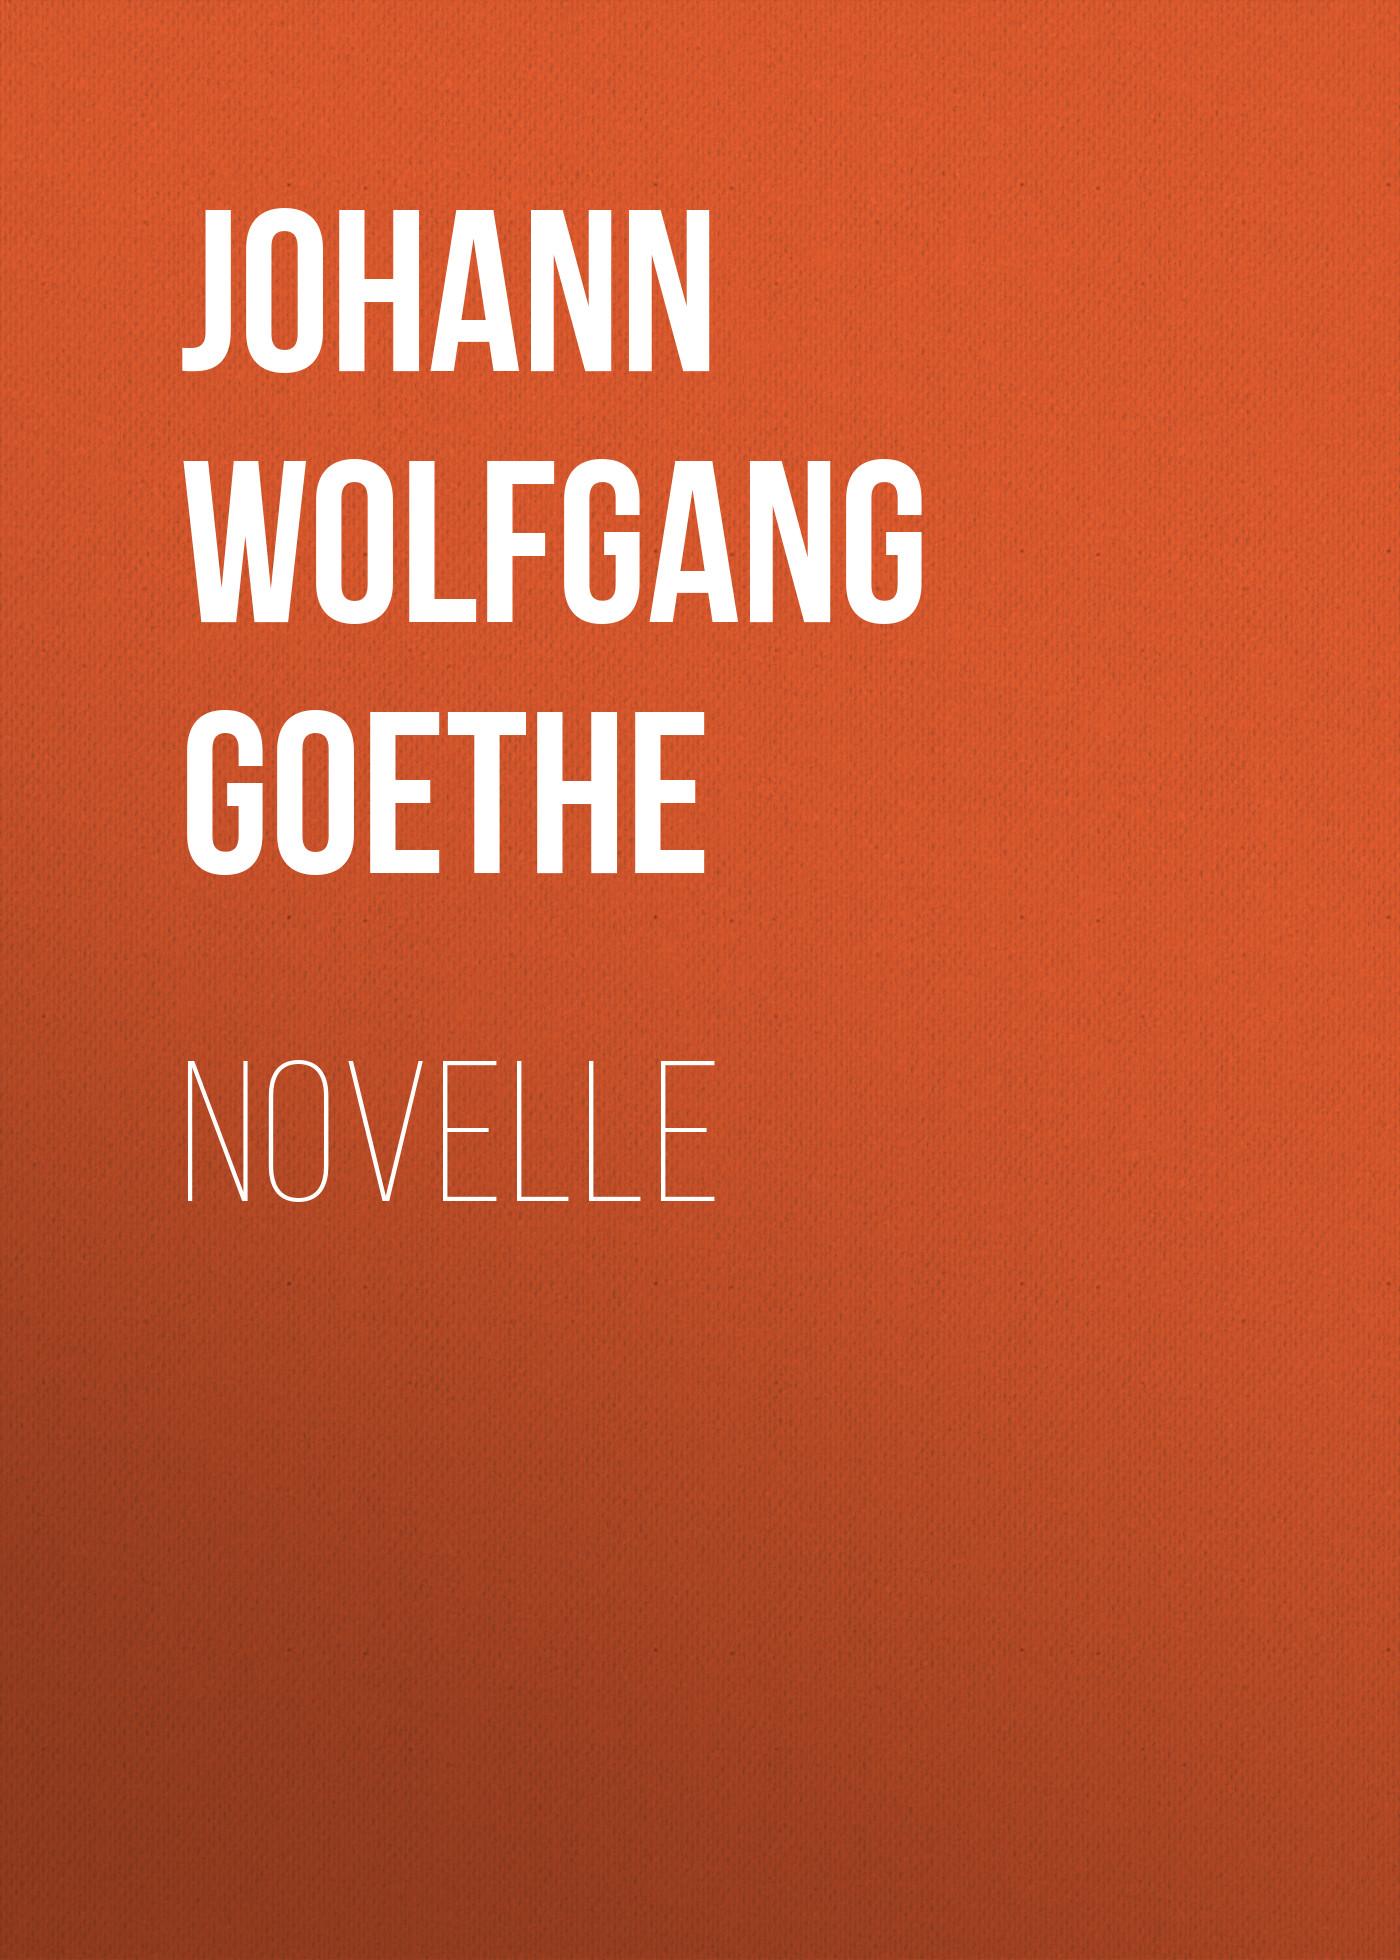 Иоганн Вольфганг фон Гёте Novelle иоганн вольфганг фон гёте прометей